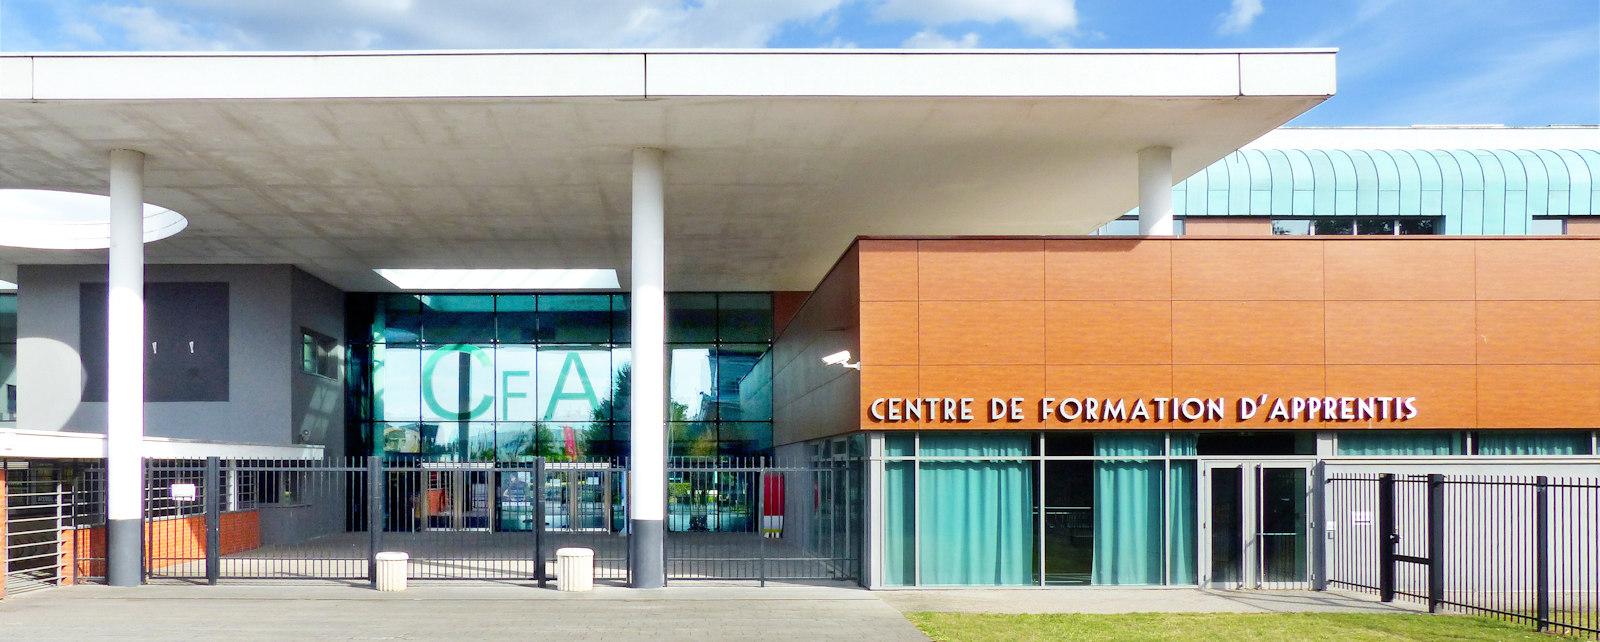 URMA CFA Tourcoing - Grille d'entrée